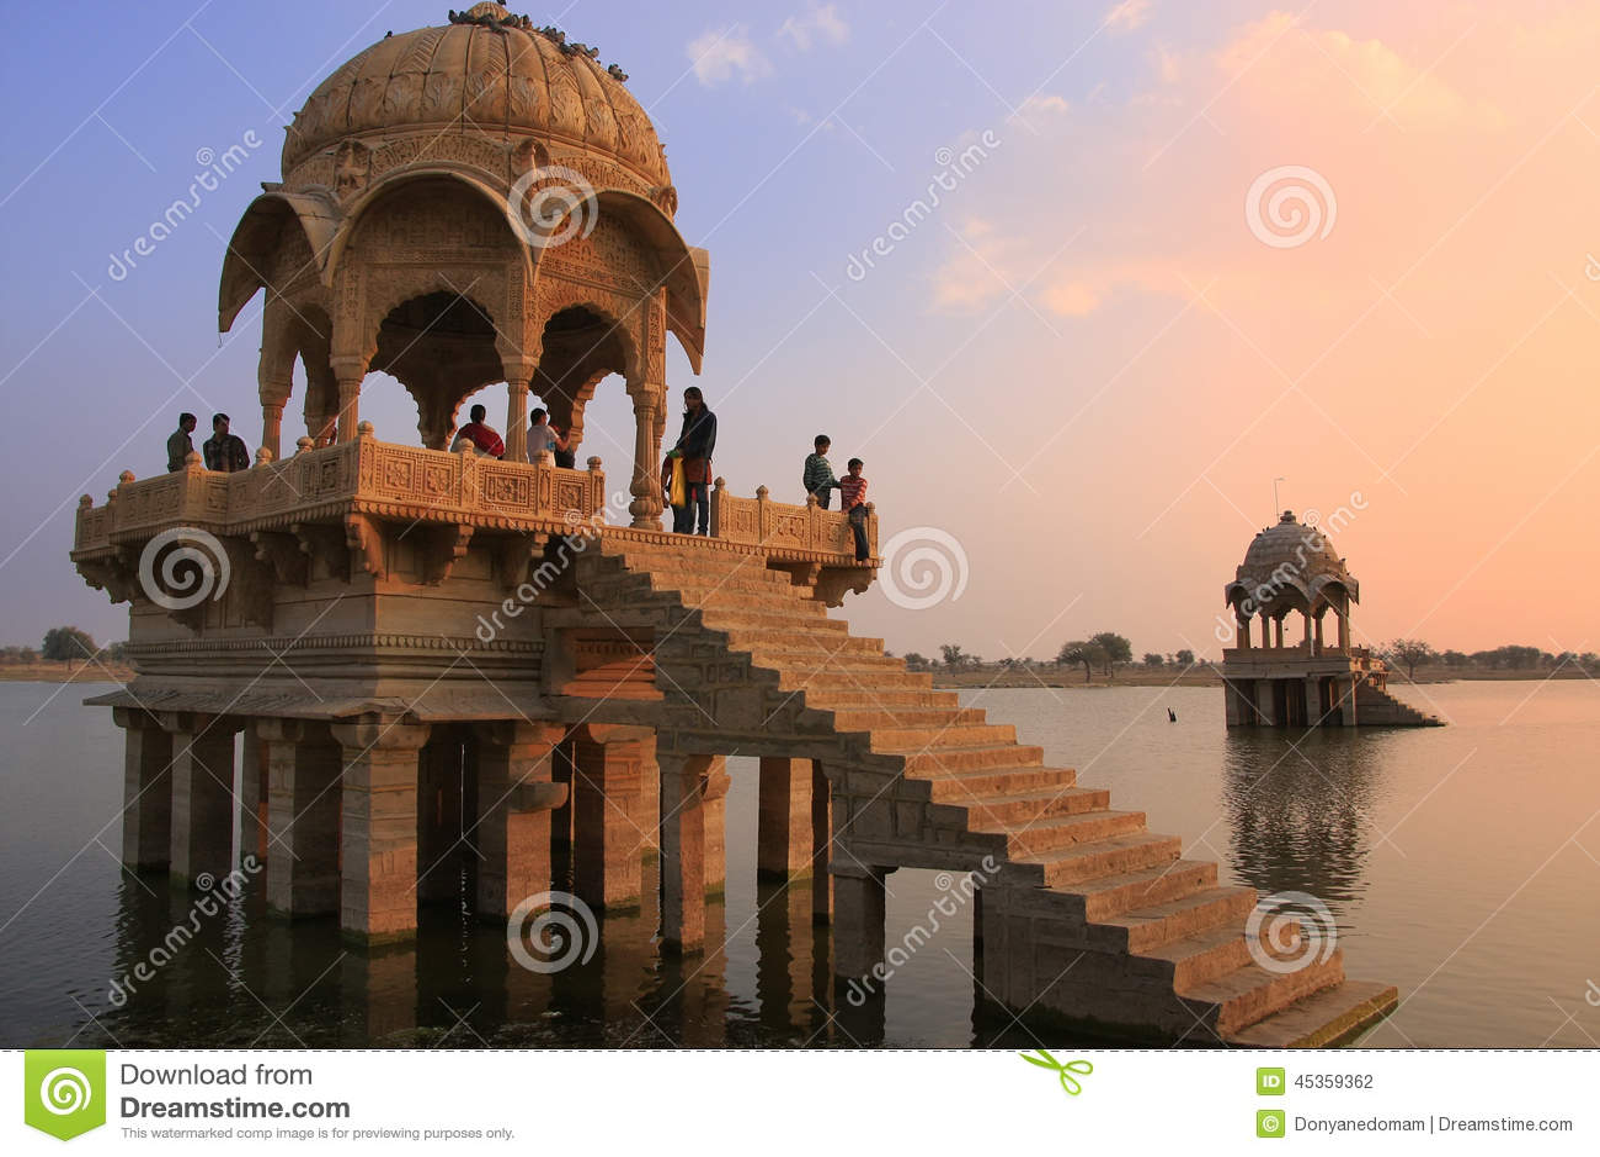 Temple de Gadi Sagar sur le lac Gadisar au coucher du soleil, Jaisalmer, Inde